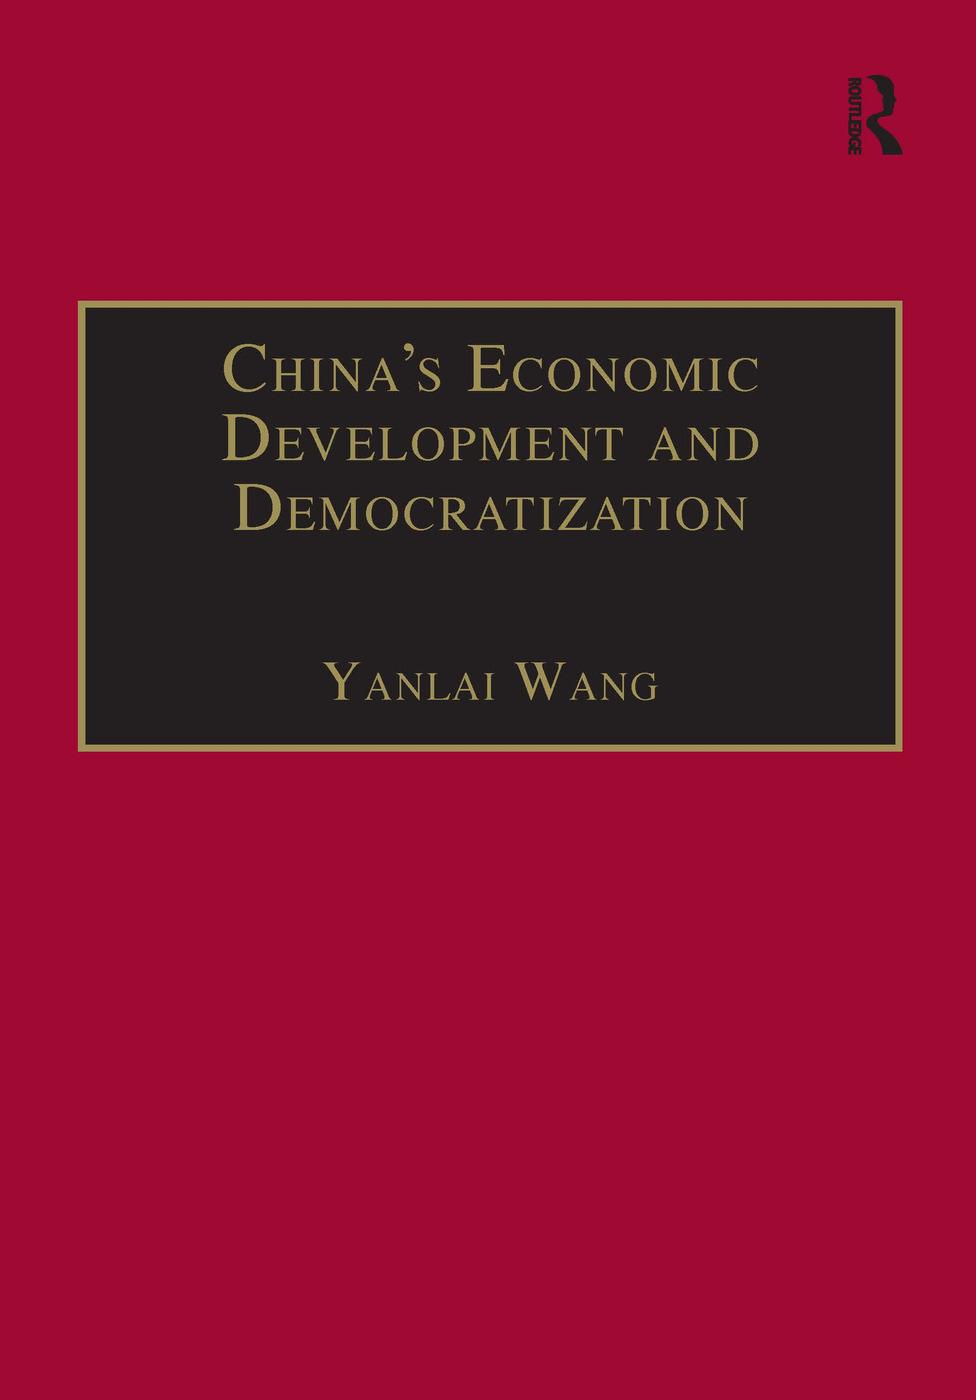 China's Economic Development and Democratization book cover